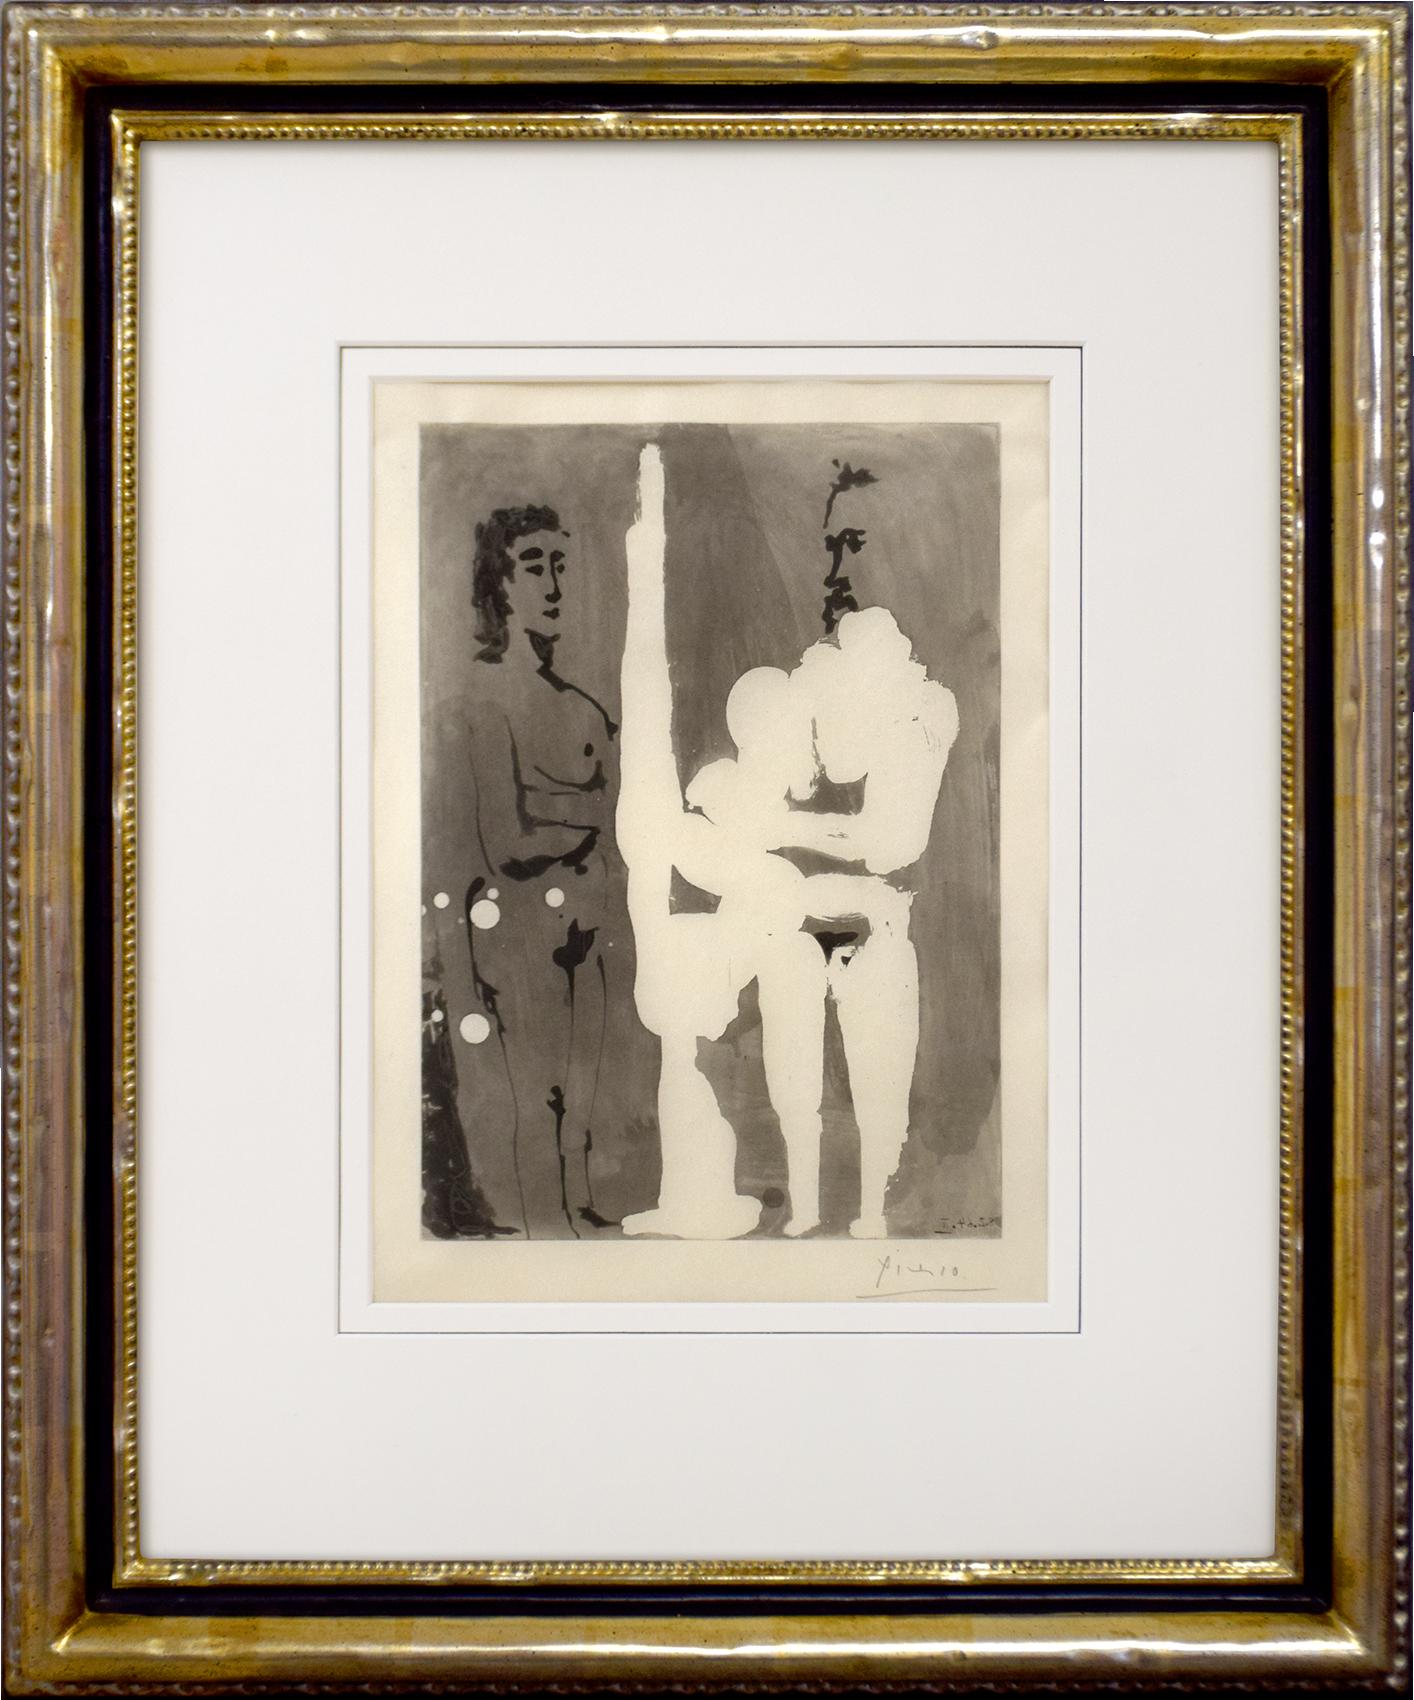 Pablo Picasso - Aquatinta vom 8.2.1964 II aus ... , 0613-008-026